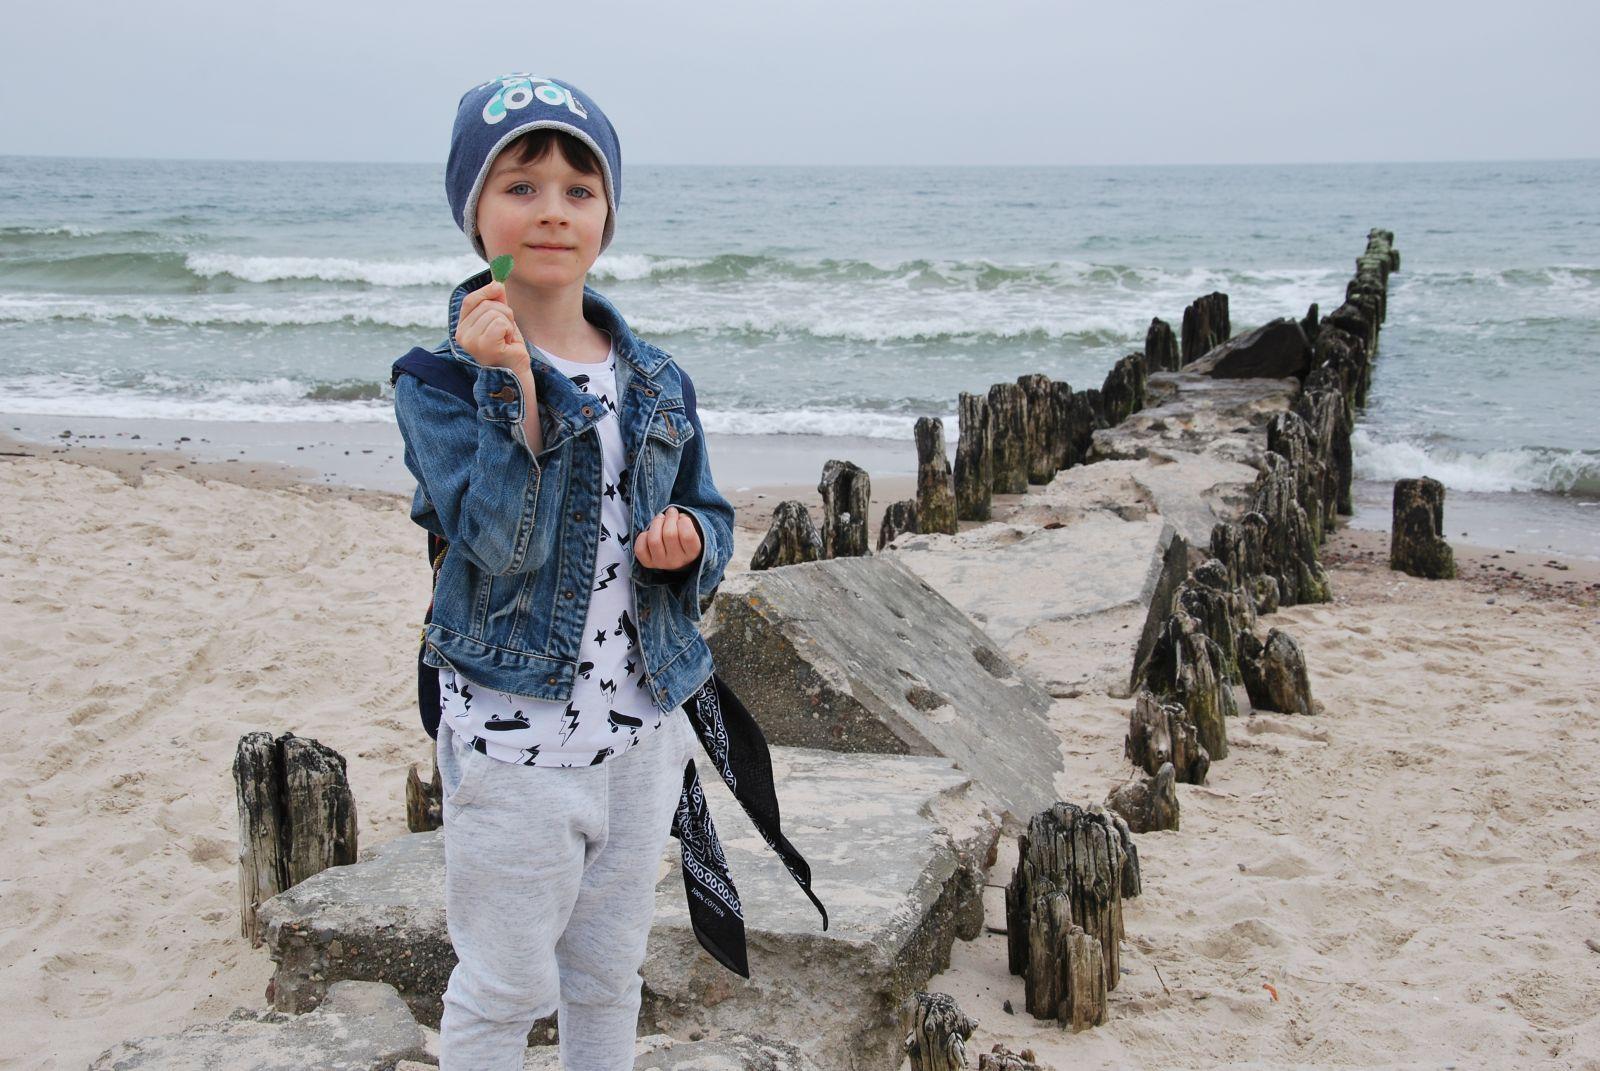 Cyprianek znalazł na plaży zielone morskie szkiełko. Zaintrygowany znaleziskiem odkrył legendę, która mówi, że kiedy tonie statek i giną marynarze, syreny zaczynają płakać, a ich łzy zostają wyrzucane przez fale na brzeg właśnie w takiej postaci.